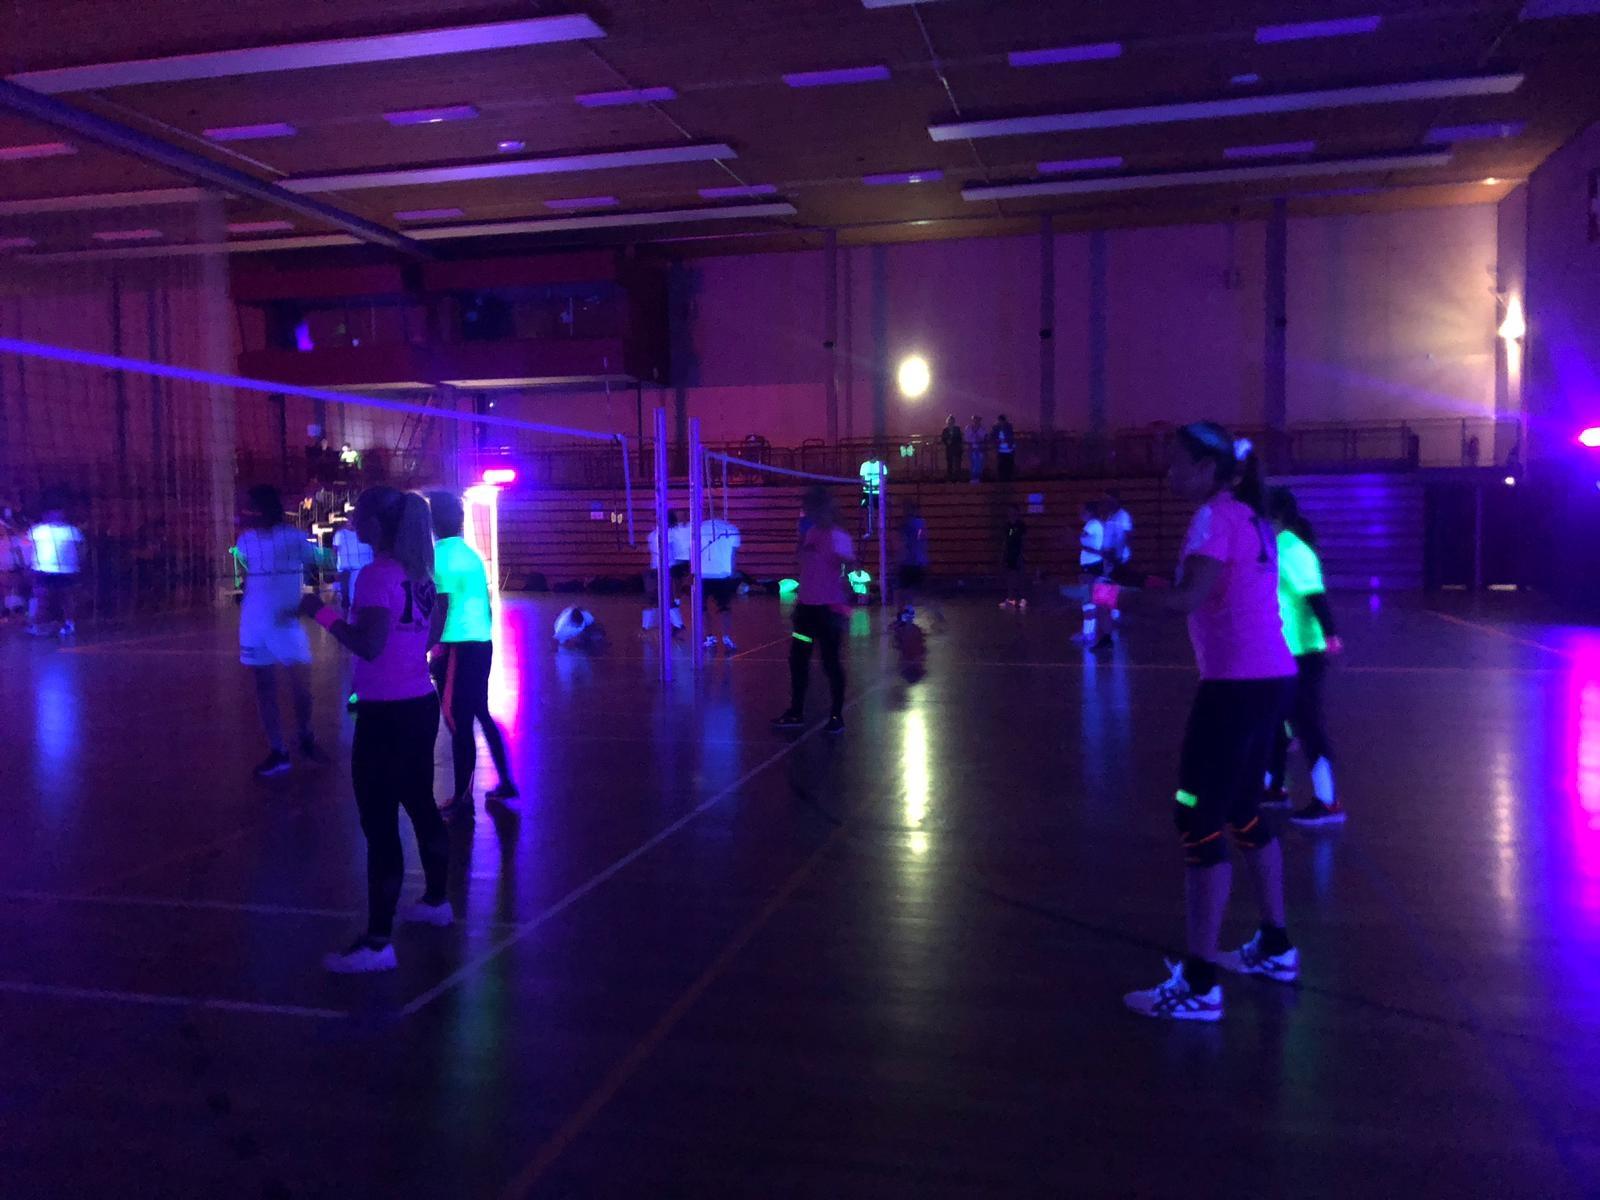 Uitgeverij Stedendriehoek speelt eerste poulewedstrijden tijdens Blacklight Toernooi